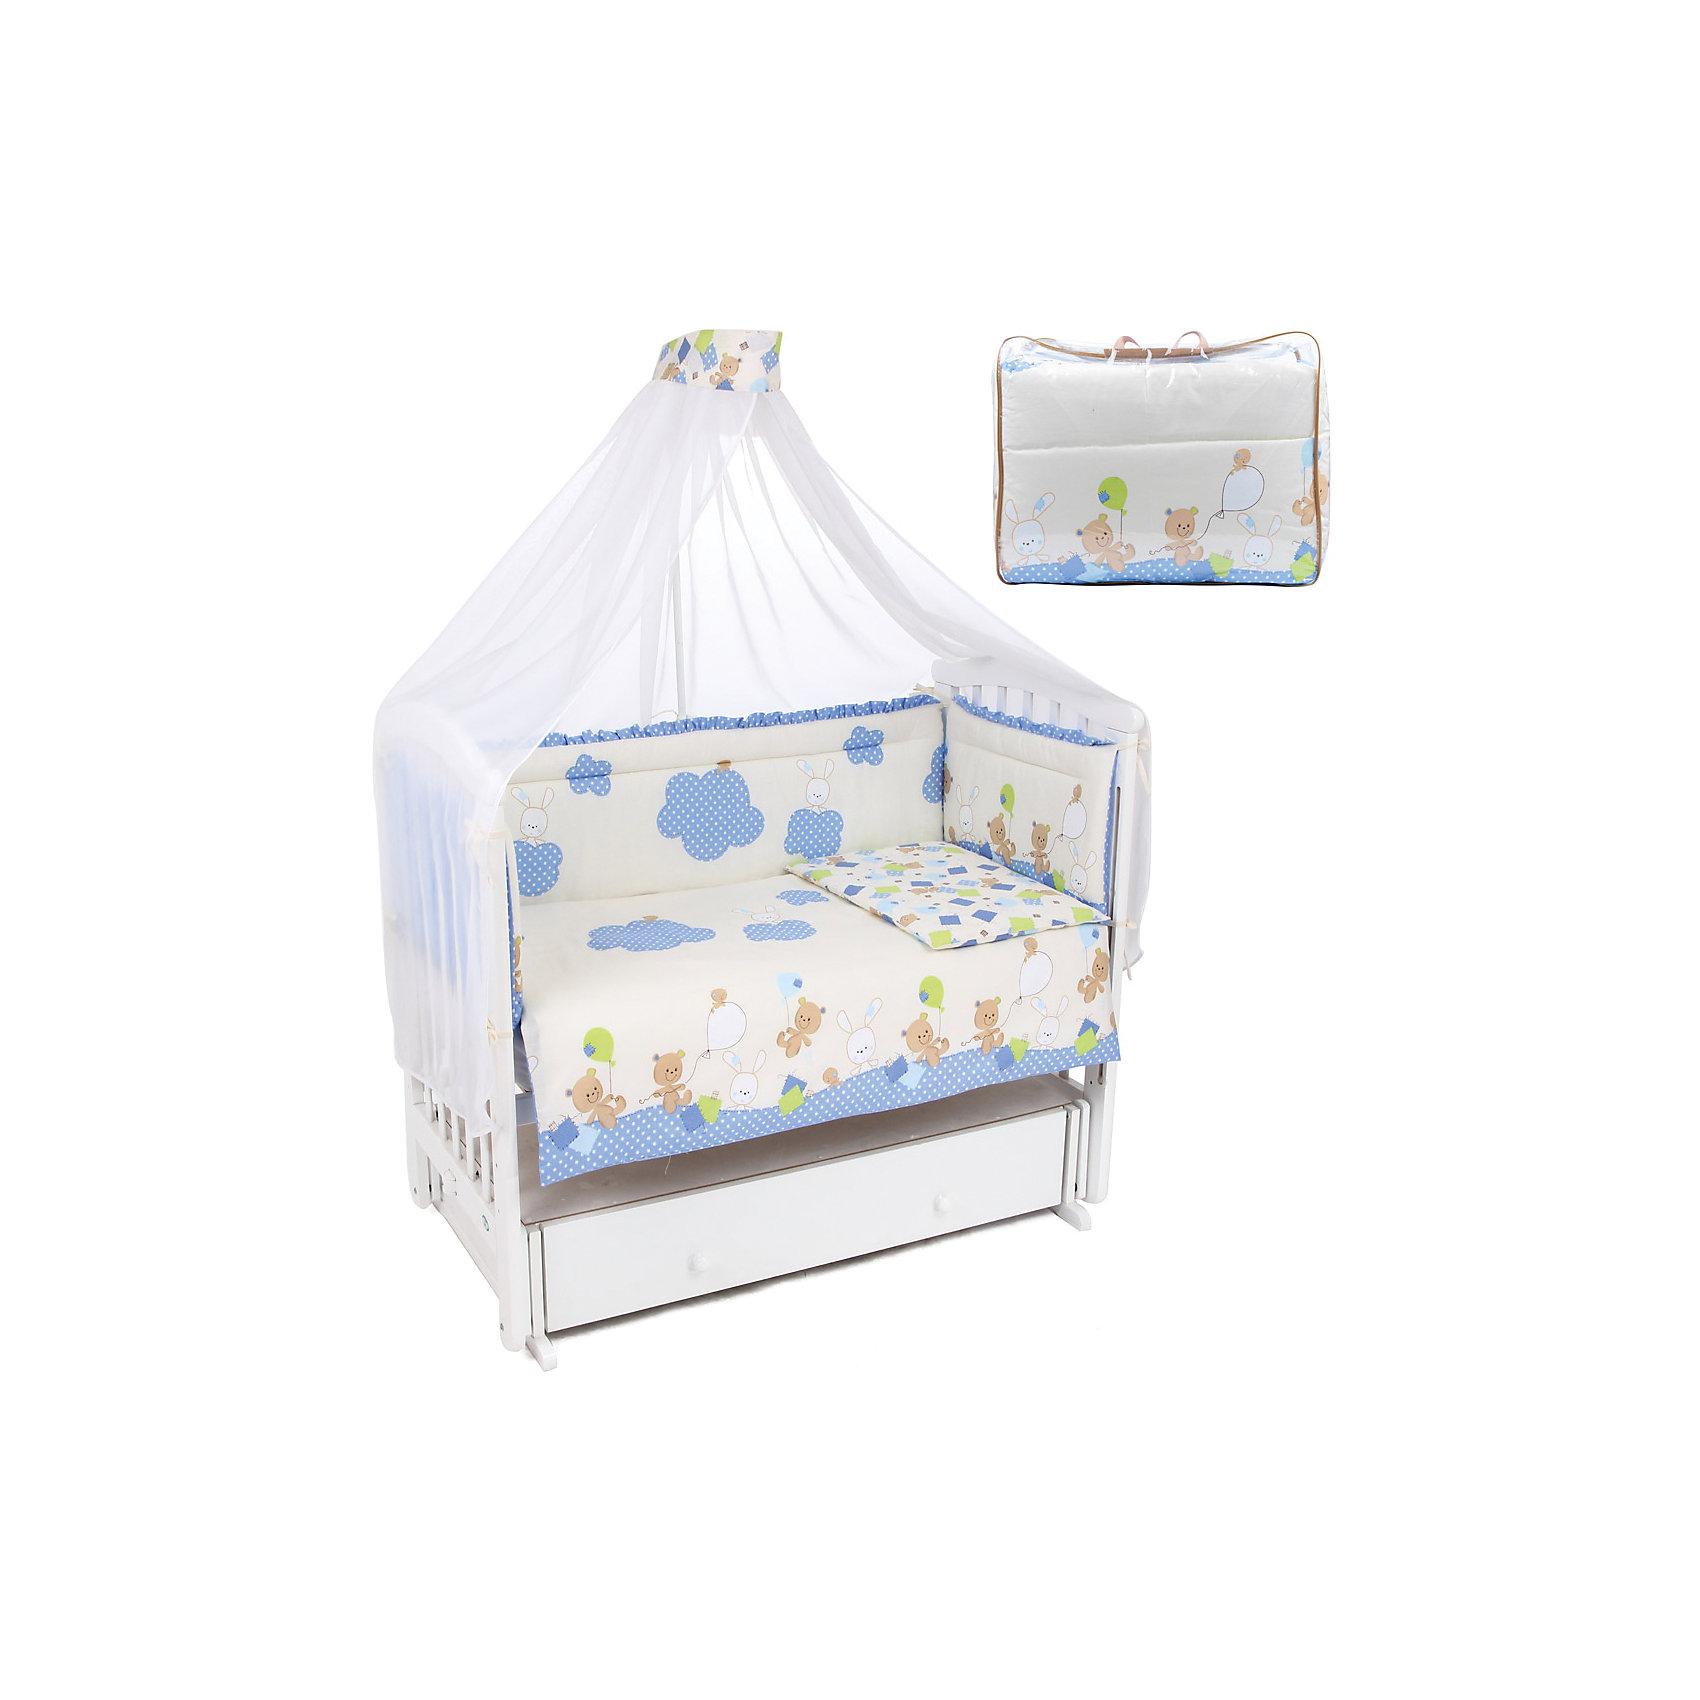 Постельное бельё Воздушные шарики, 7 пр., Leader kids, синийПостельное бельё Воздушные шарики - прекрасный вариант для кроватки малыша. Белье нежной расцветки идеально впишется в интерьер детской комнаты. Простыня на резинке подходит для всех стандартных матрасов, мягкий борт подарит крохе комфорт и безопасность, полупрозрачный балдахин создаст идеальную атмосферу для отдыха и защитит от солнечного света и насекомых. Комплект выполнен из высококачественного гипоаллергенного хлопка, легко стирается, безопасен для детей.<br><br>Дополнительная информация:<br><br>- Комплектация: борт, одеяло, подушка, балдахин (вуаль), наволочка, пододеяльник, простыня на резинке. <br>- Материал верха:  бязь (хлопок 100%), наполнитель - холлофайбер.<br>- Размер: борт - 360x40 см, одеяло - 110х140 см, подушка - 40х60см, балдахин - 420х165 см, наволочка - 40х60 см, пододеяльник - 110x140 см, простыня на резинке - 90х150 см. <br>- Цвет: синий.<br>- Декоративные элементы: принт.<br><br>Постельное бельё Воздушные шарики, 7 пр., Leader kids, синее, можно купить в нашем магазине.<br><br>Ширина мм: 570<br>Глубина мм: 200<br>Высота мм: 430<br>Вес г: 4000<br>Возраст от месяцев: 0<br>Возраст до месяцев: 36<br>Пол: Мужской<br>Возраст: Детский<br>SKU: 4087733